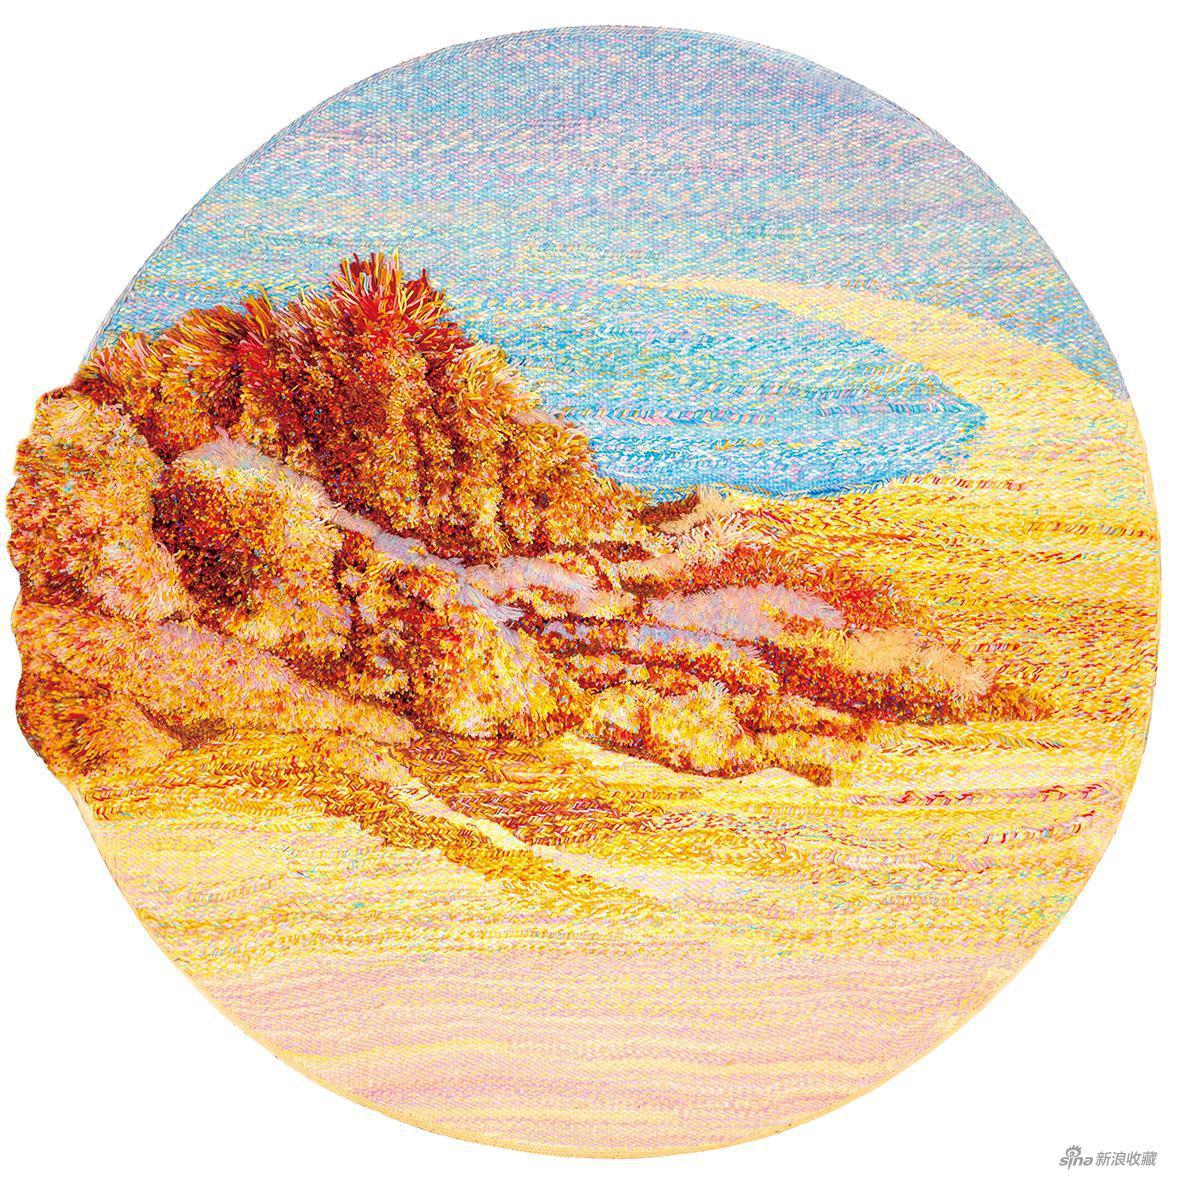 《山脉系列1》高比林编织工艺 直径125cm 2020